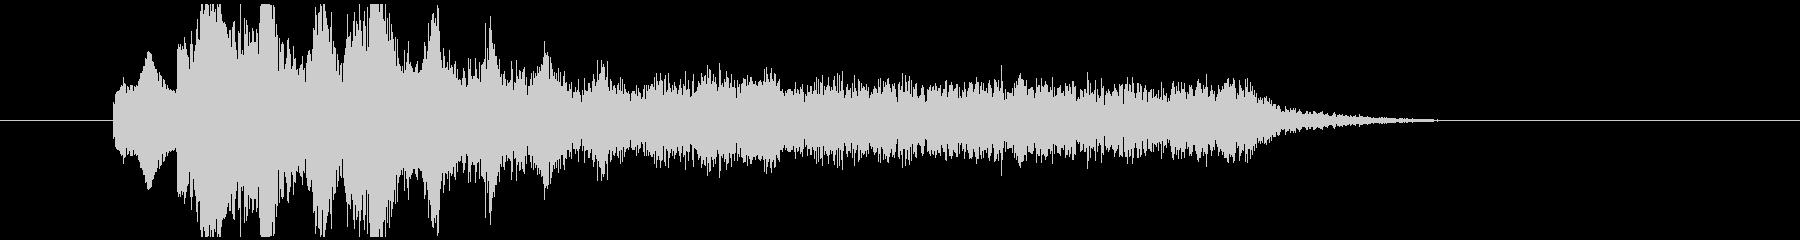 不気味なアルペジオ 1の未再生の波形